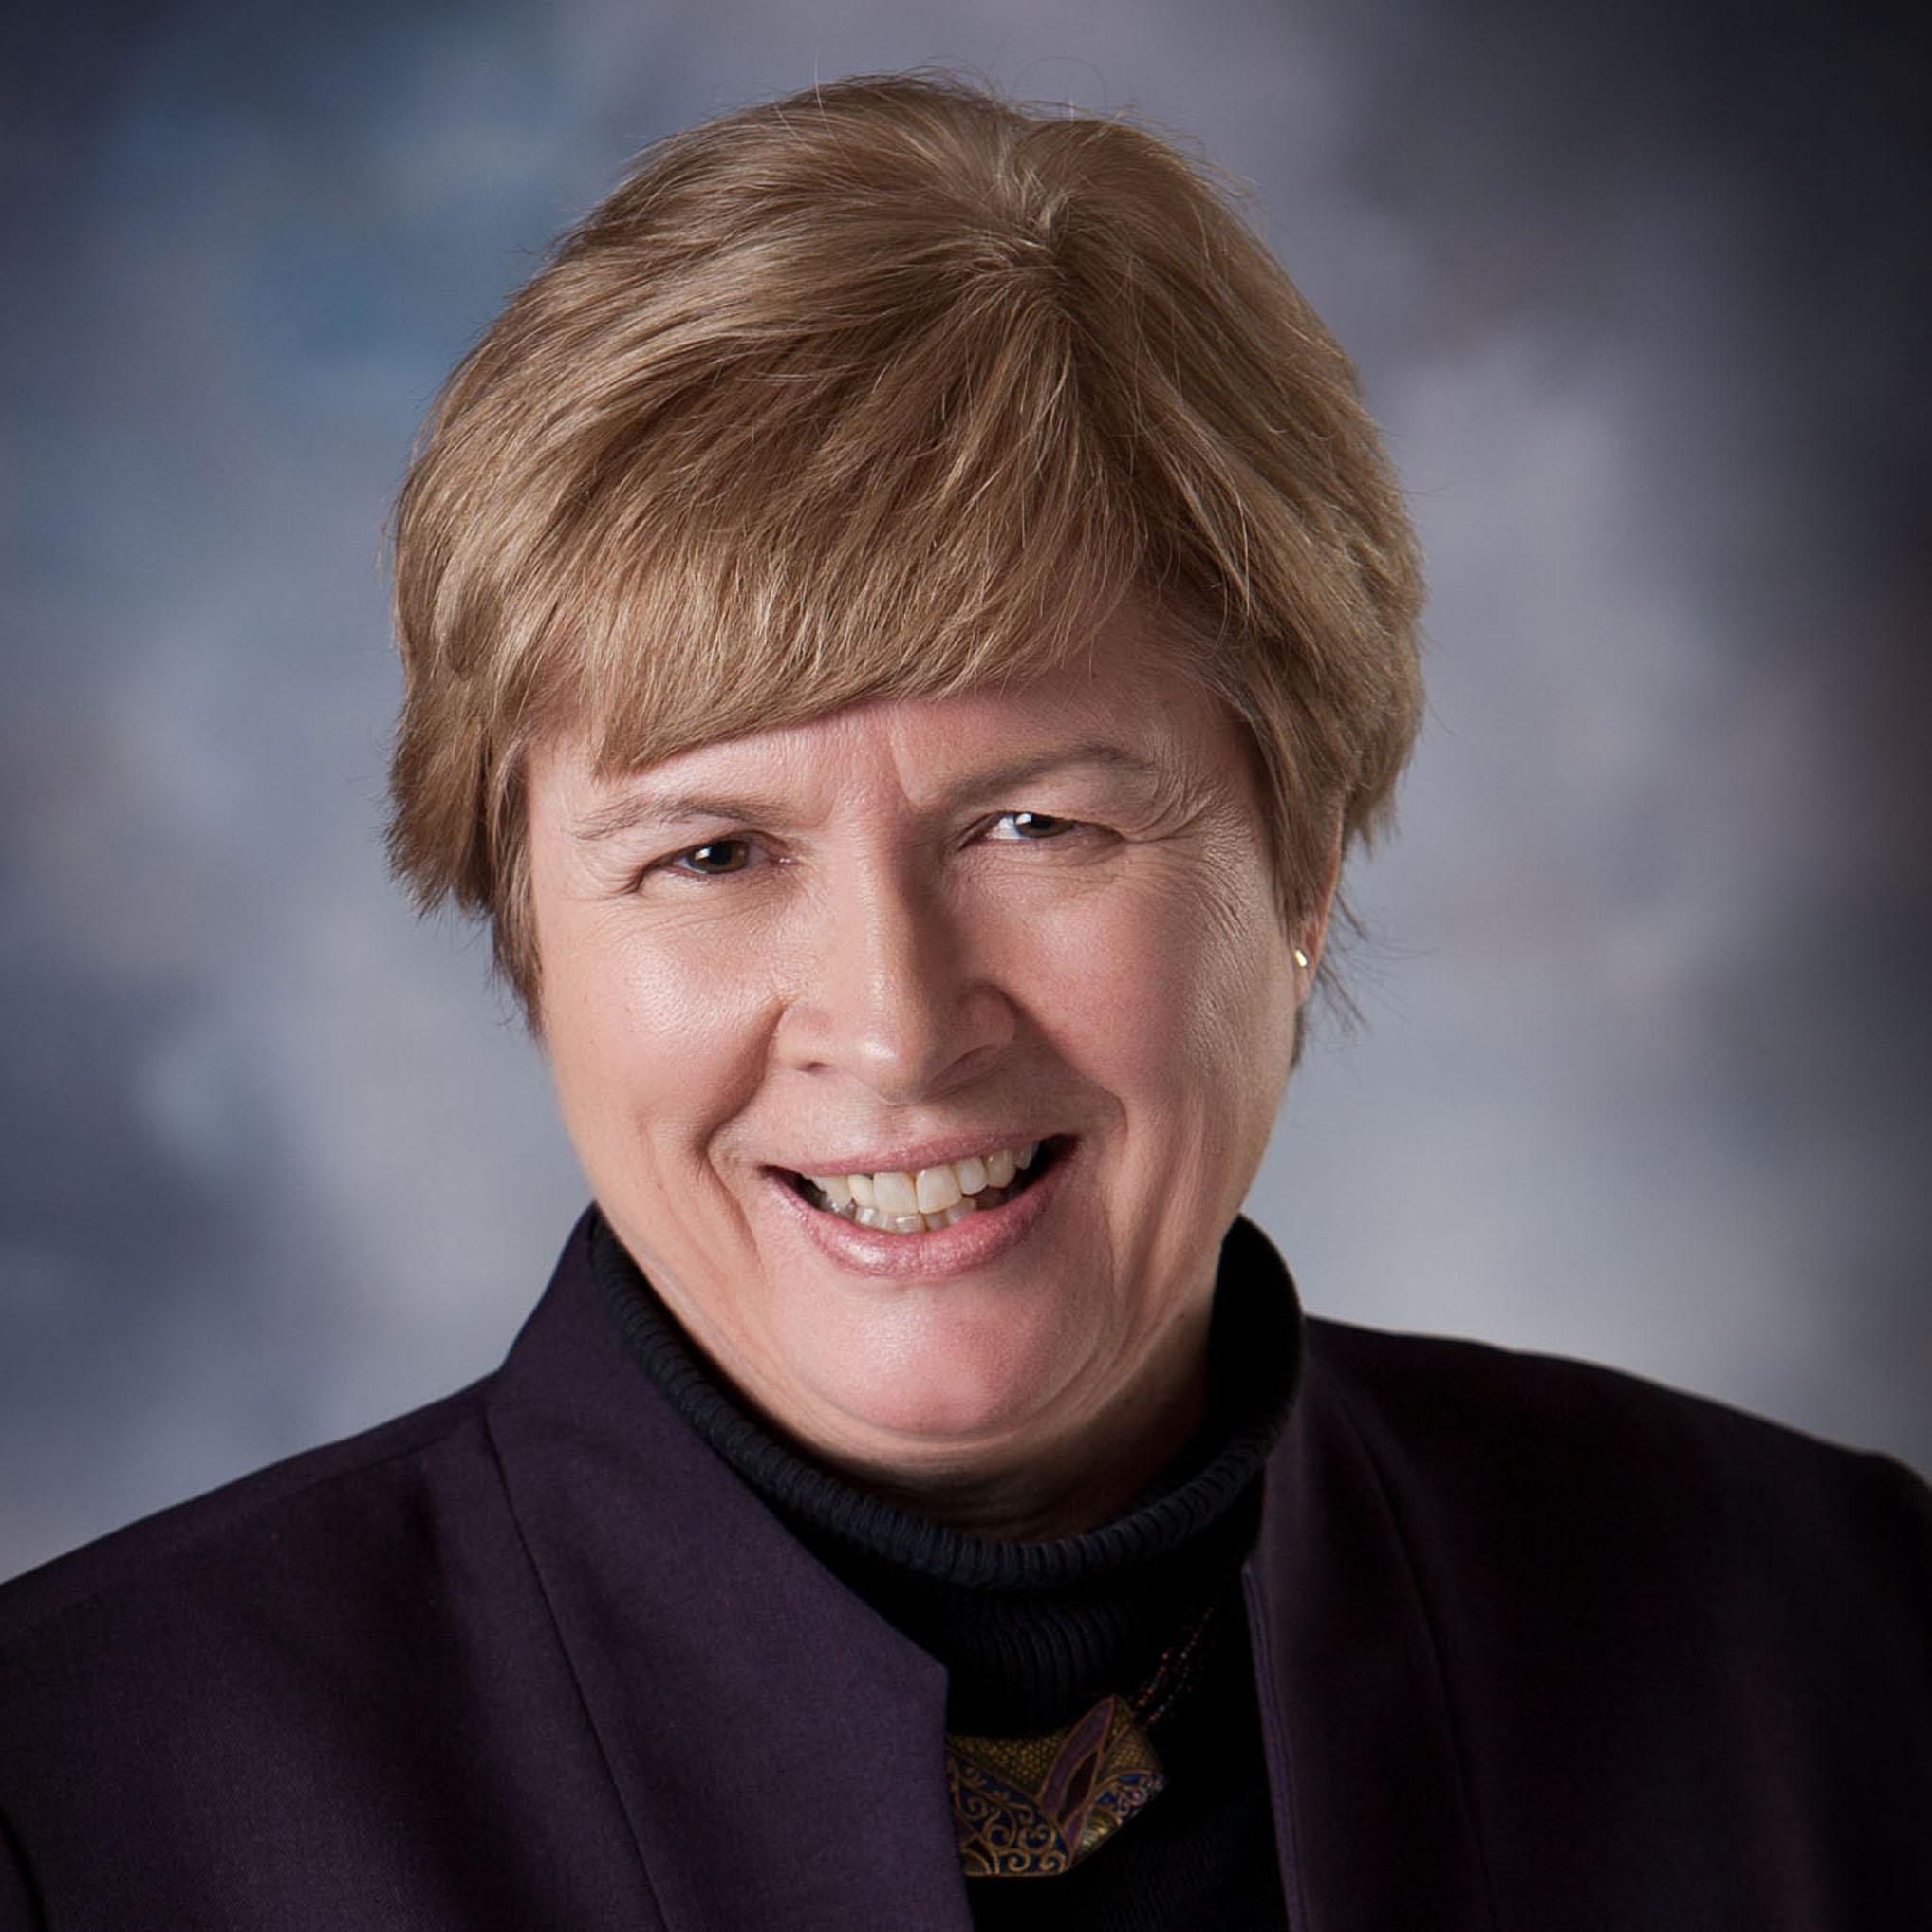 Dr. Lori Weyers